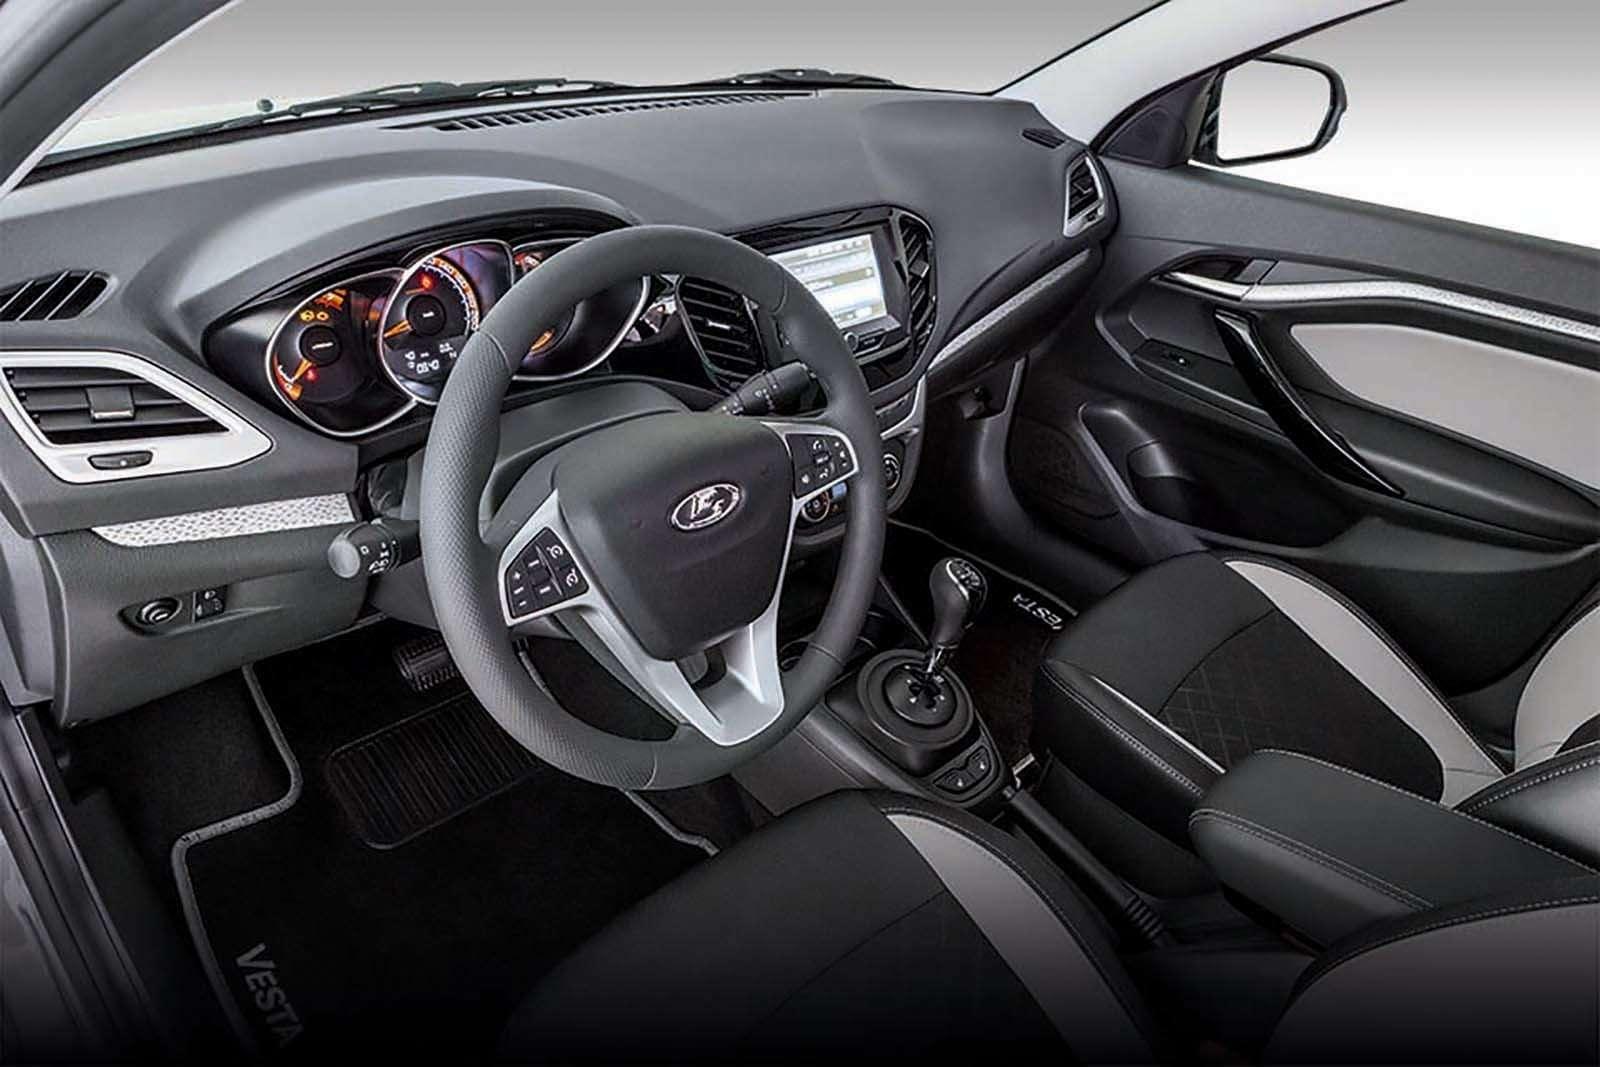 Седан Lada Vesta Cross: производство началось. Когда его ждать впродаже?— фото 863364